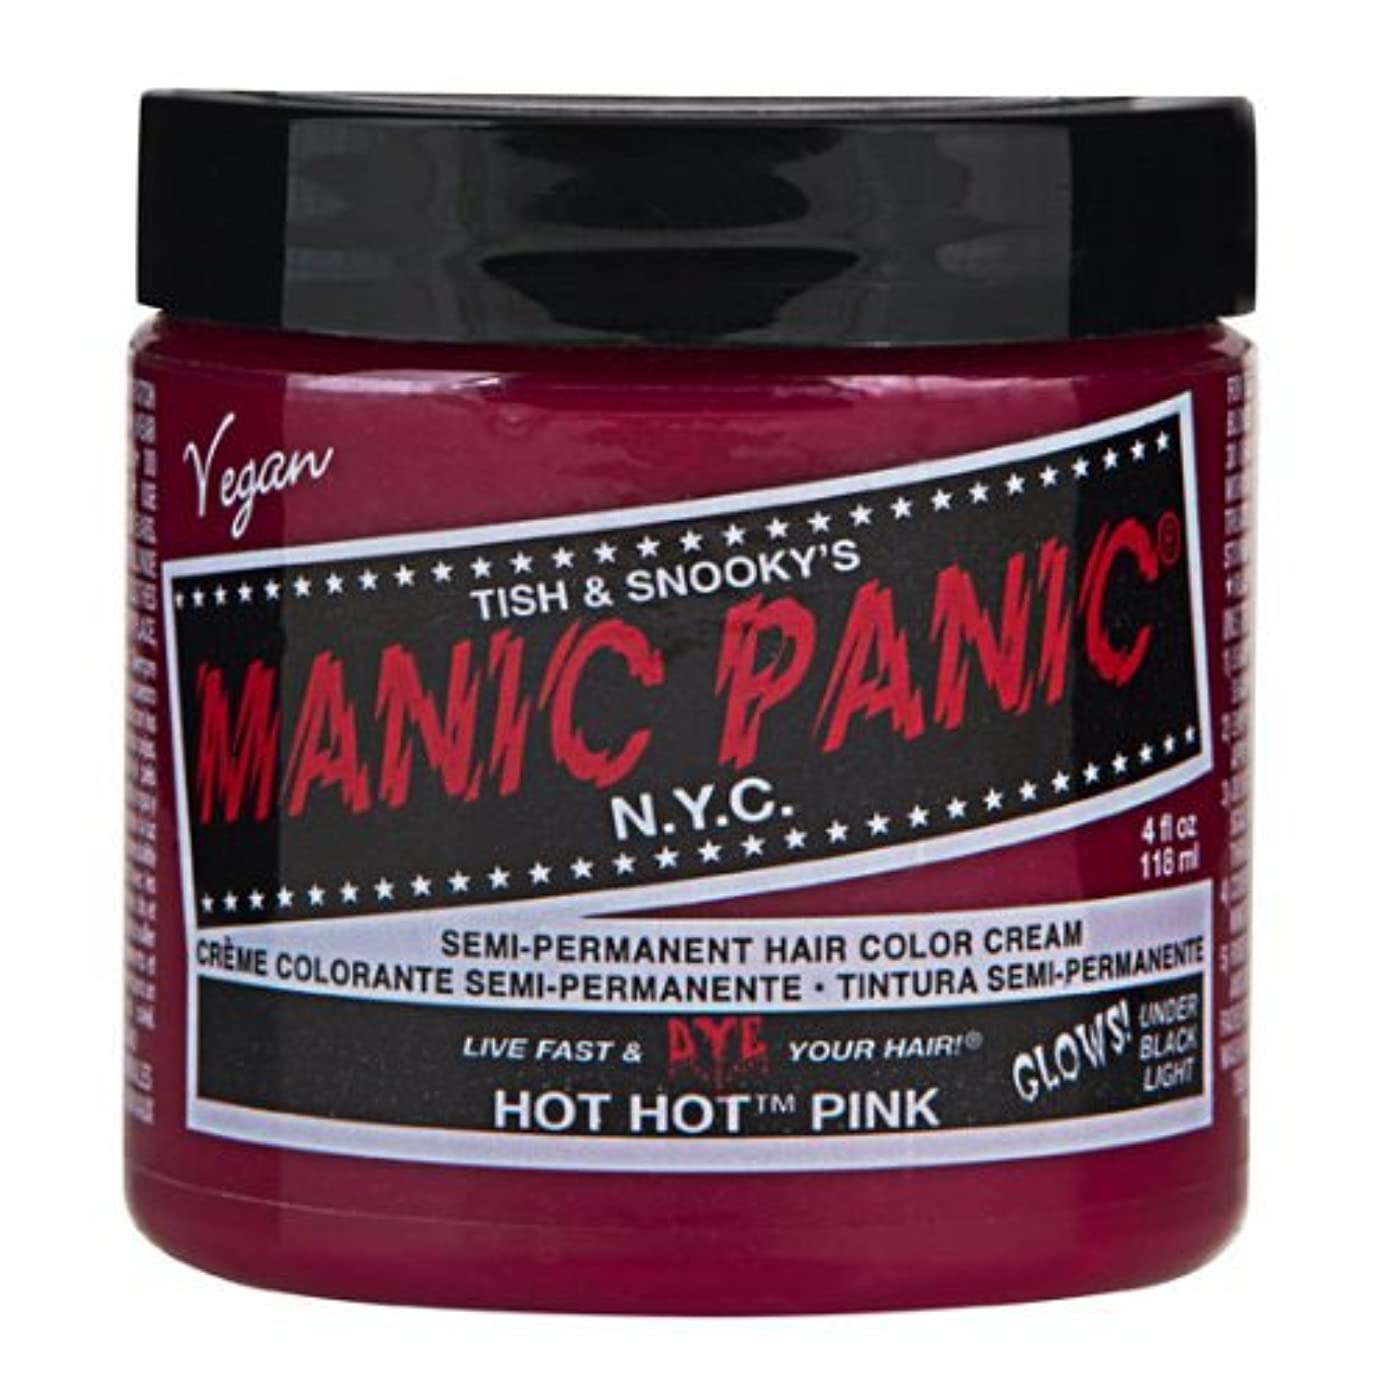 候補者ヒューマニスティックアミューズメントマニックパニック MANIC PANIC ヘアカラー 118mlホットホットピンク ヘアーカラー